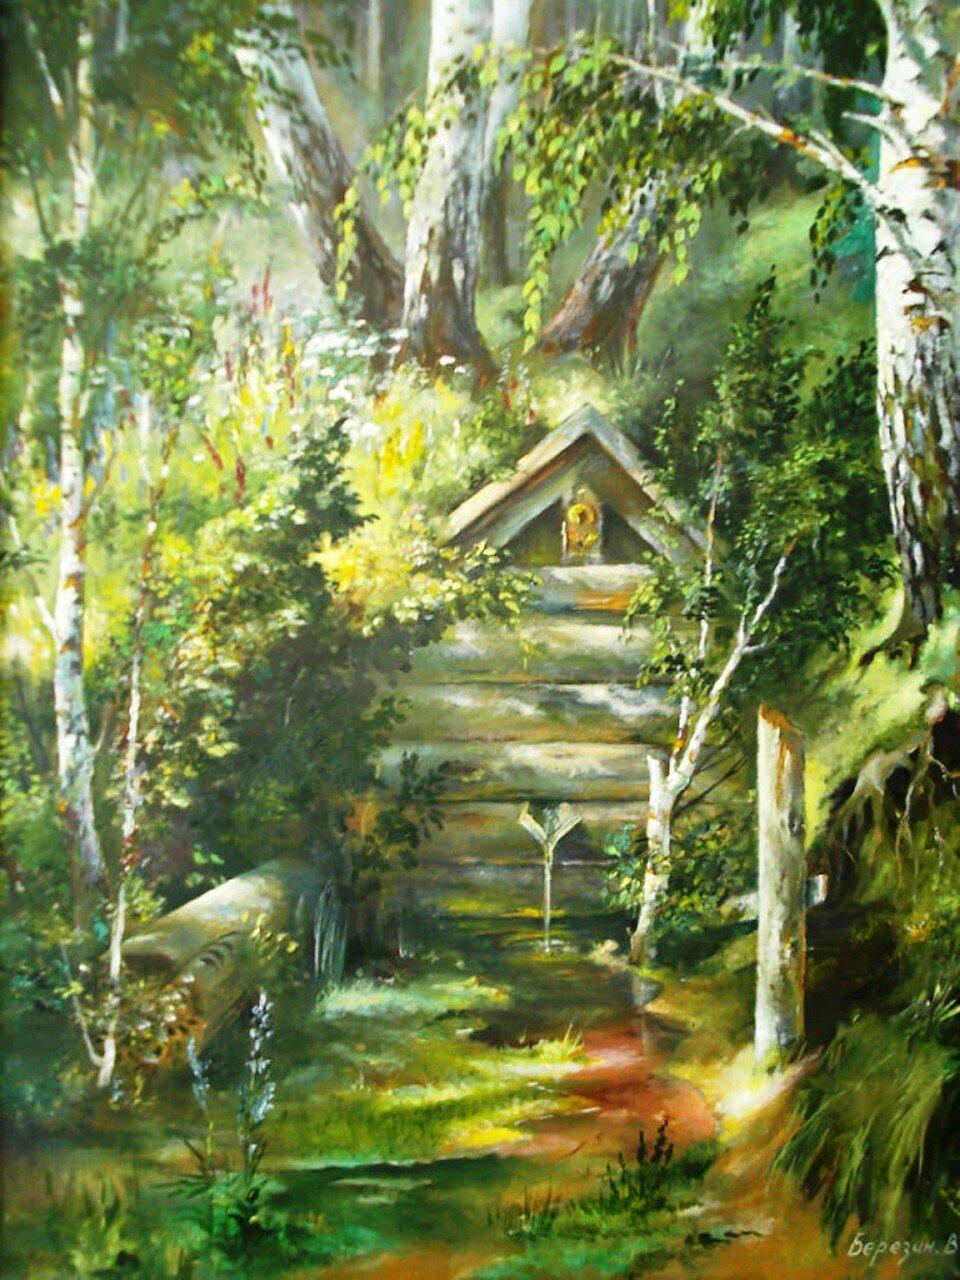 ИСТОЧНИК. Картина В. Березина, сибирского художника.jpg